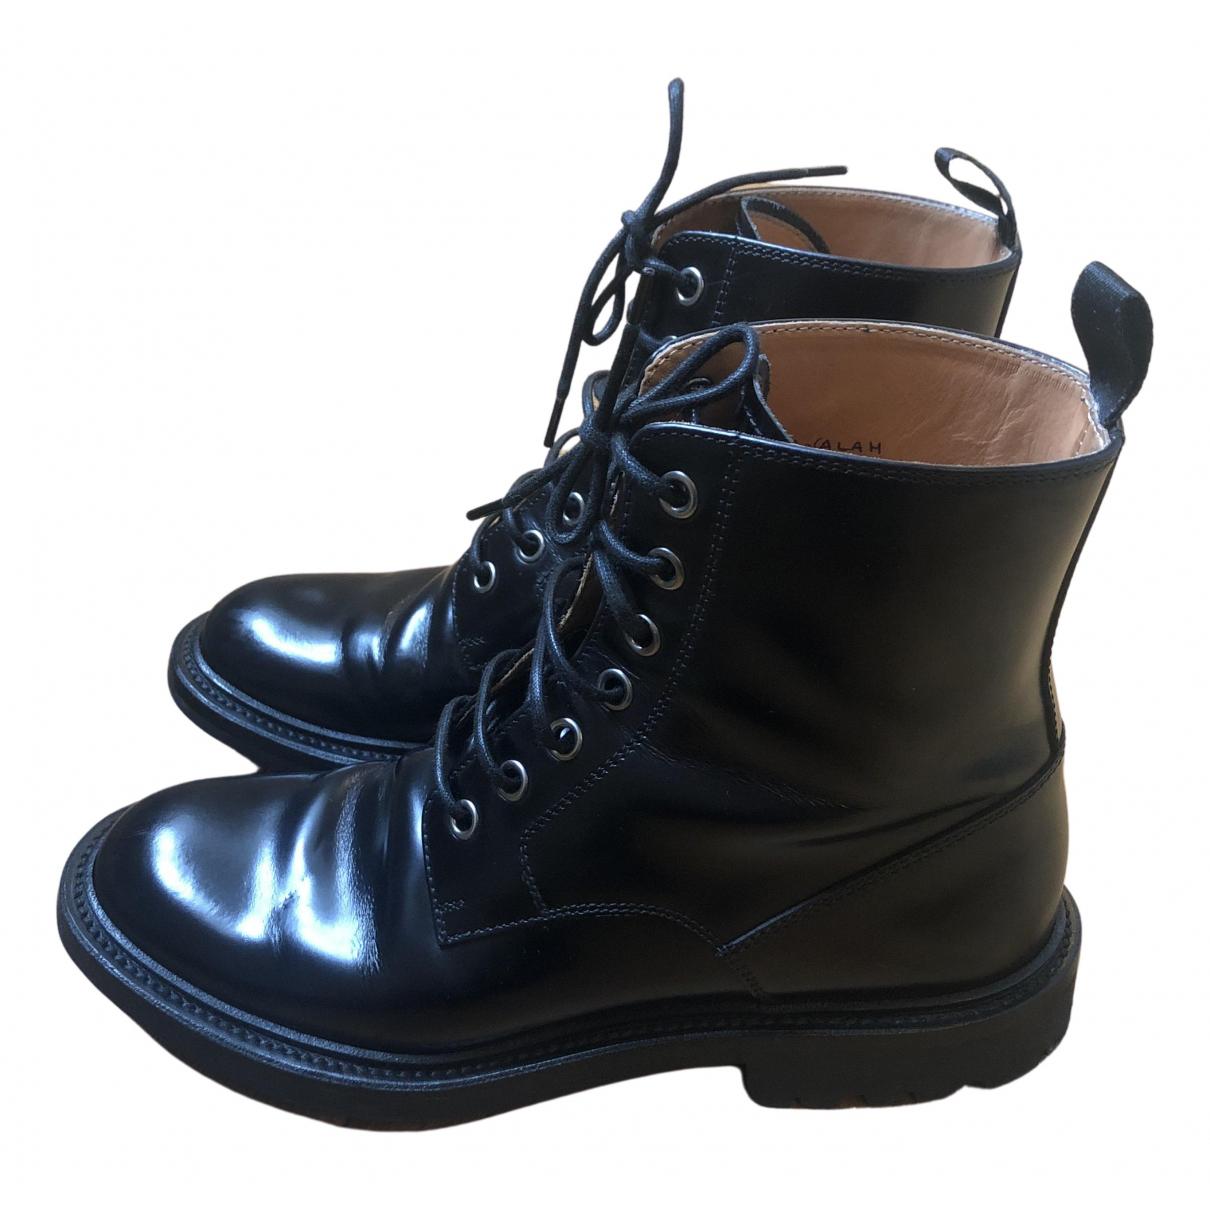 Churchs - Boots   pour femme en cuir - noir